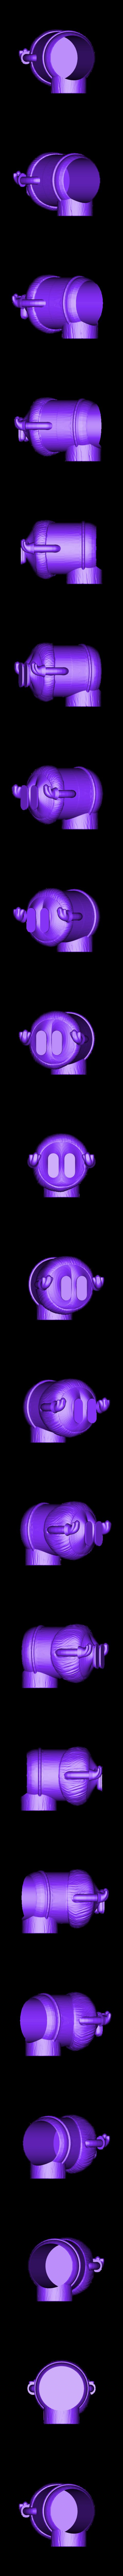 minion_stone_age_without_holes.stl Télécharger fichier STL gratuit Pot en forme de Minion Préhistorique • Objet pour imprimante 3D, yoyo-31